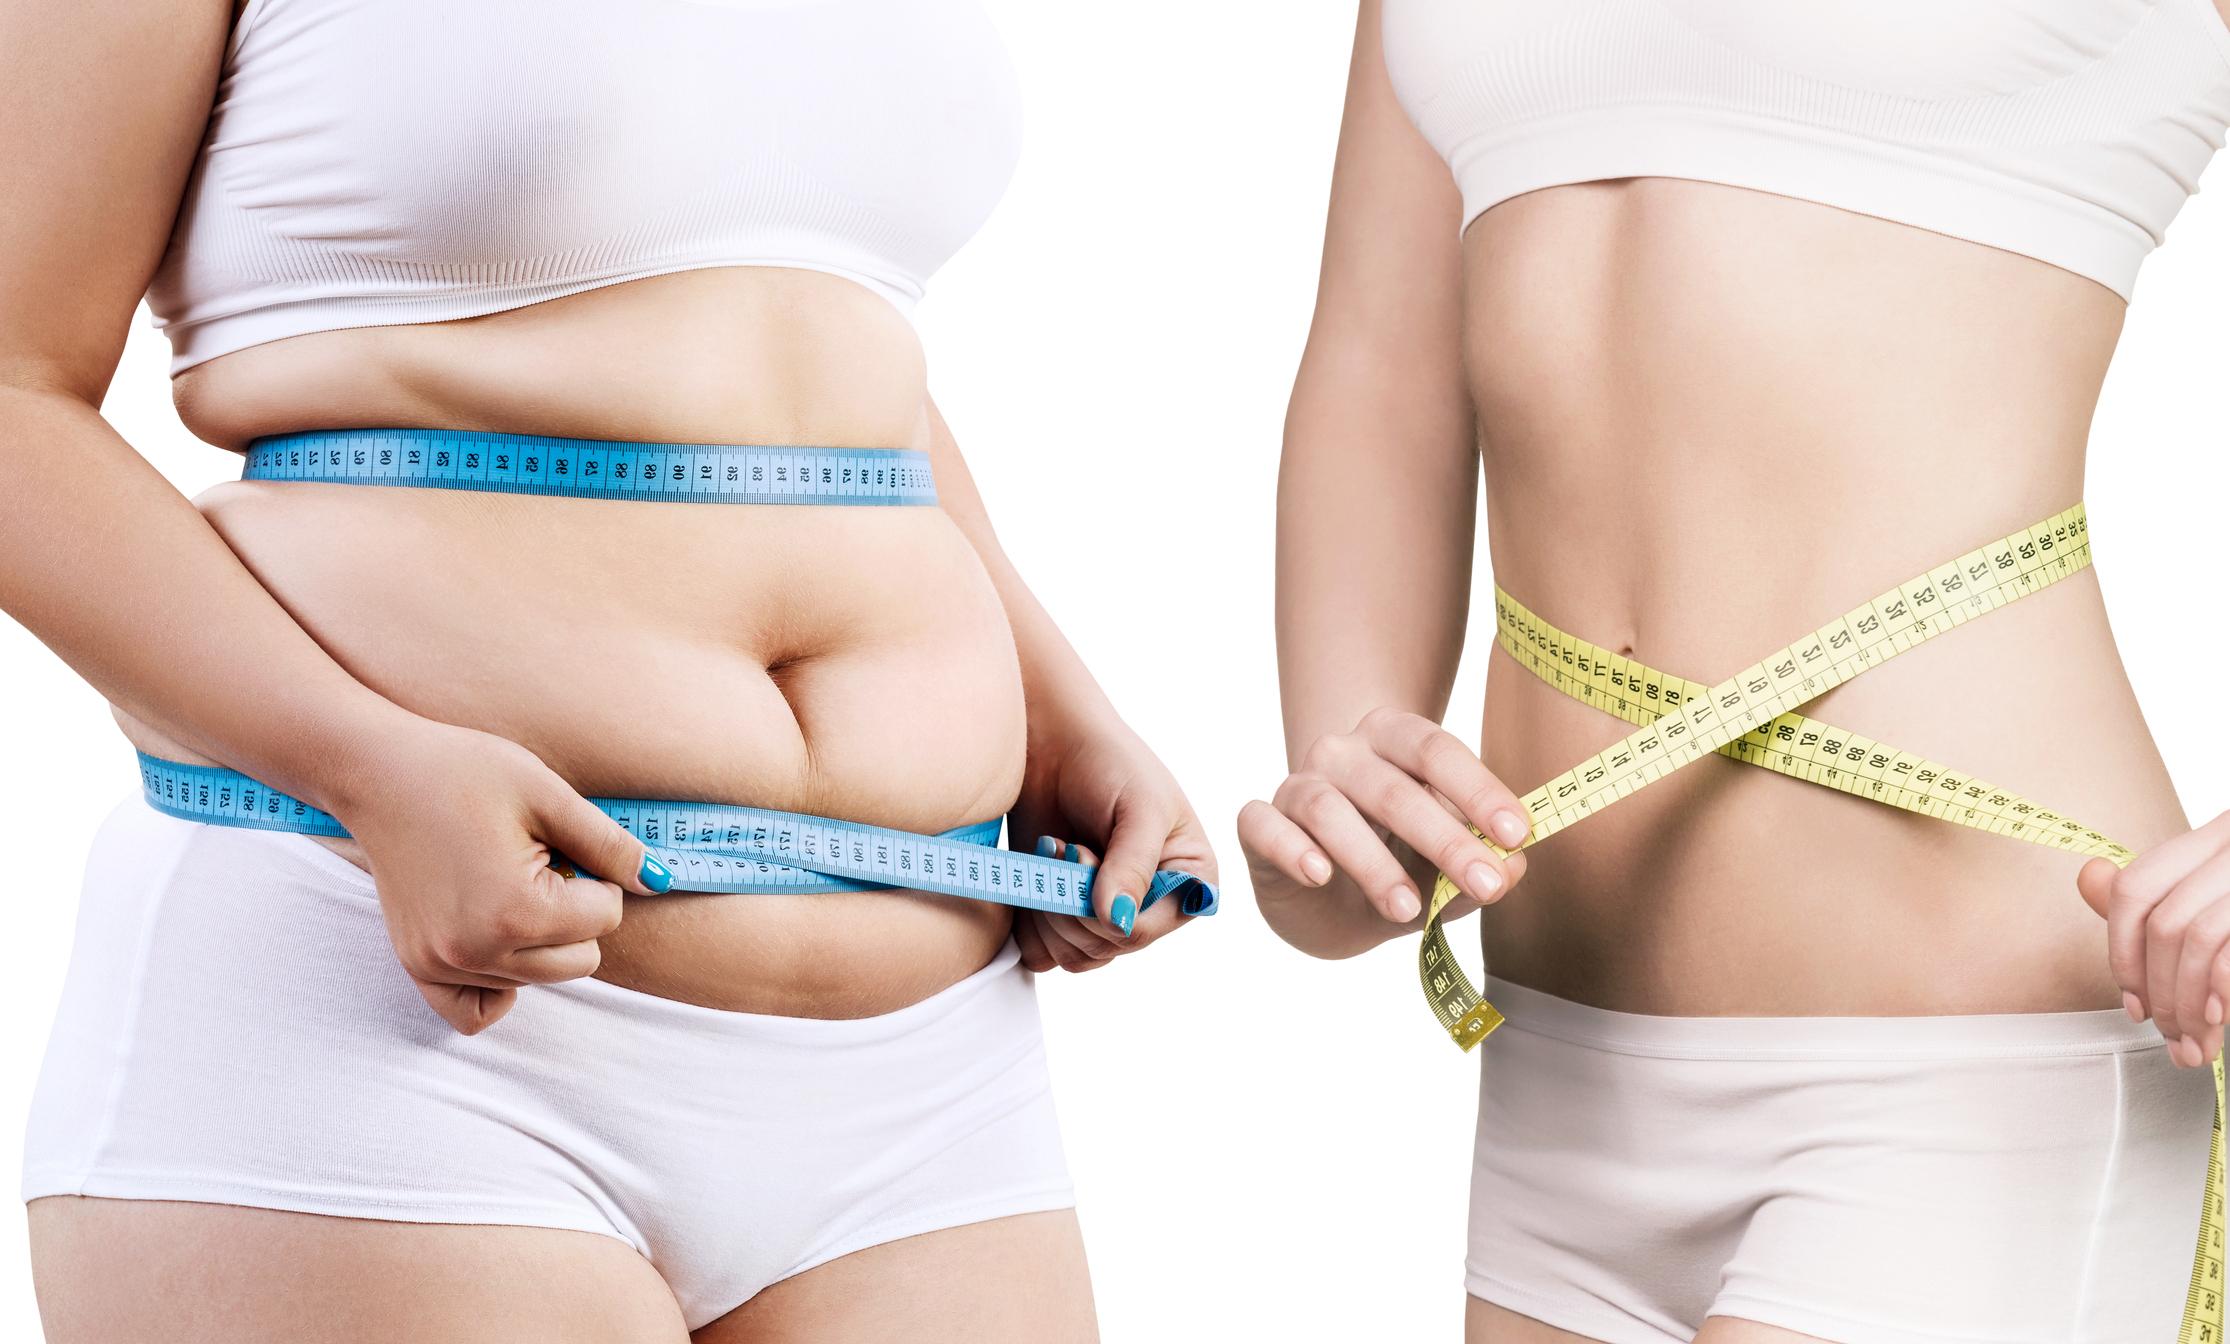 hogyan lehet elveszíteni a testzsír hasát hogyan lehet lefogyni a súly érdekében